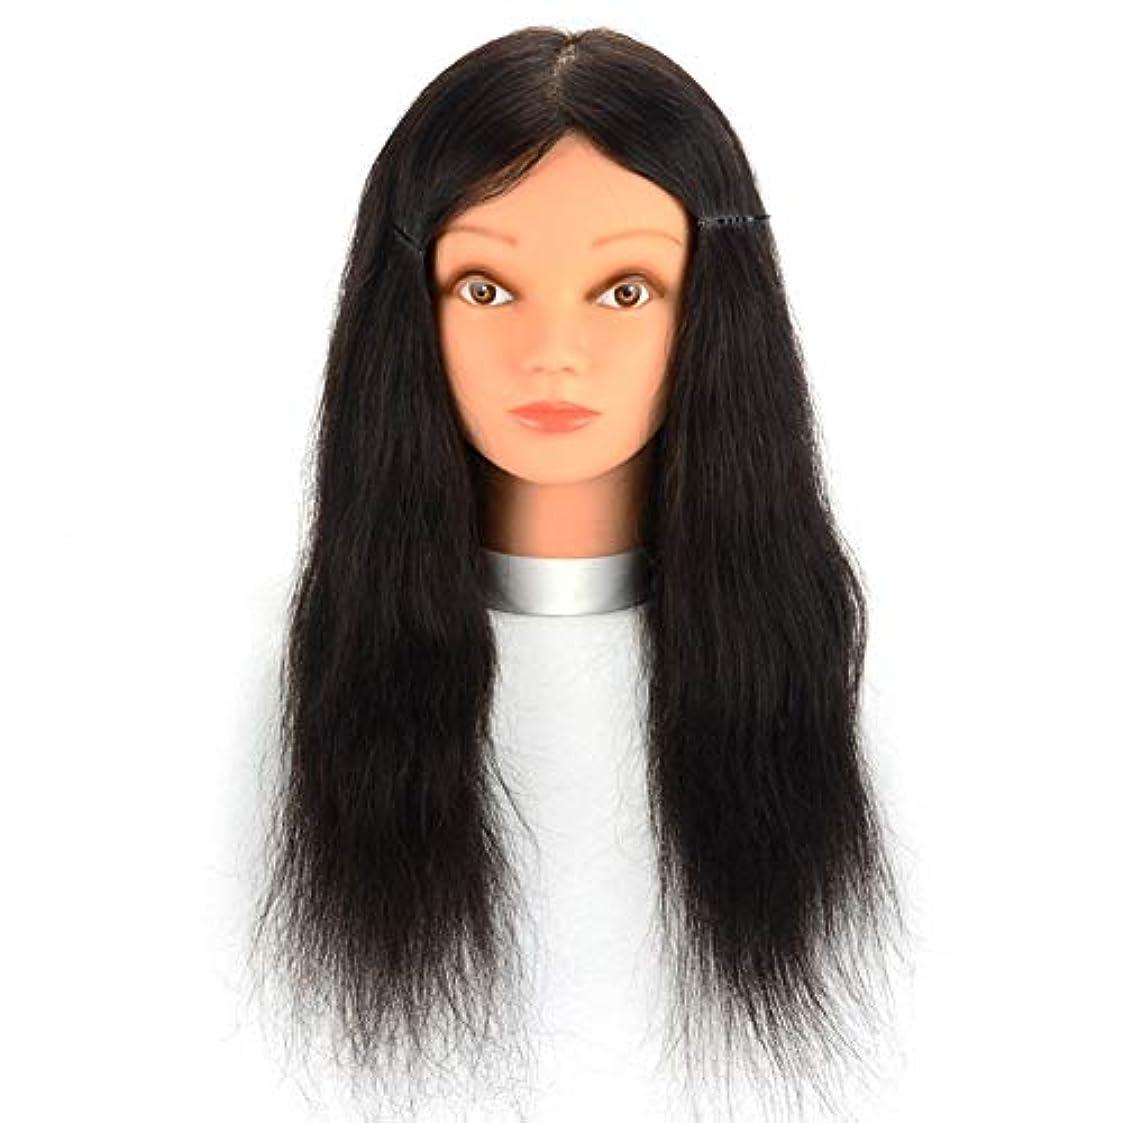 割り当て北東ぬれたリアルヘアマネキンヘッド理髪店パーマ髪染色練習かつらヘッドモデルメイクアップヘアカット練習ダミーヘッド,16inches